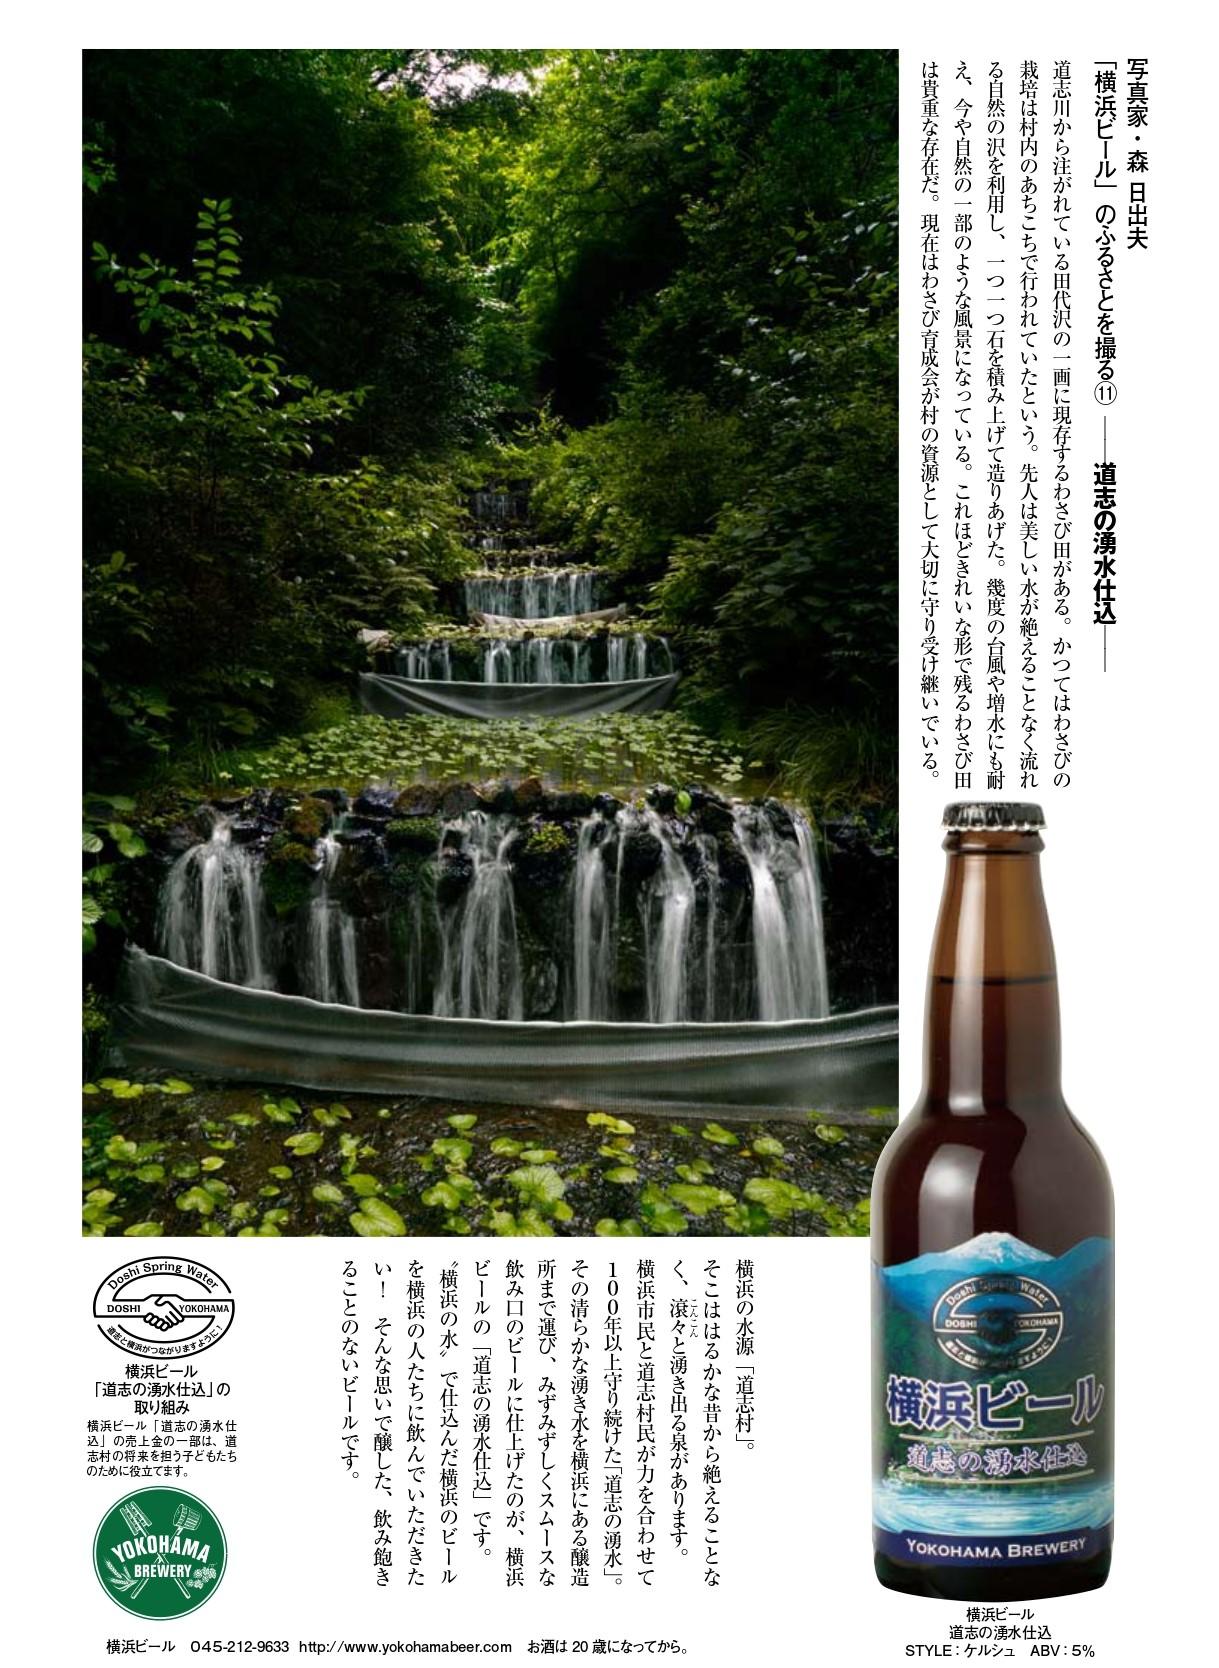 季刊誌 横濱 2019年夏号 写真家・森 日出夫さんとのタイアップ企画「横浜ビール」のふるさとを撮る Vol.11